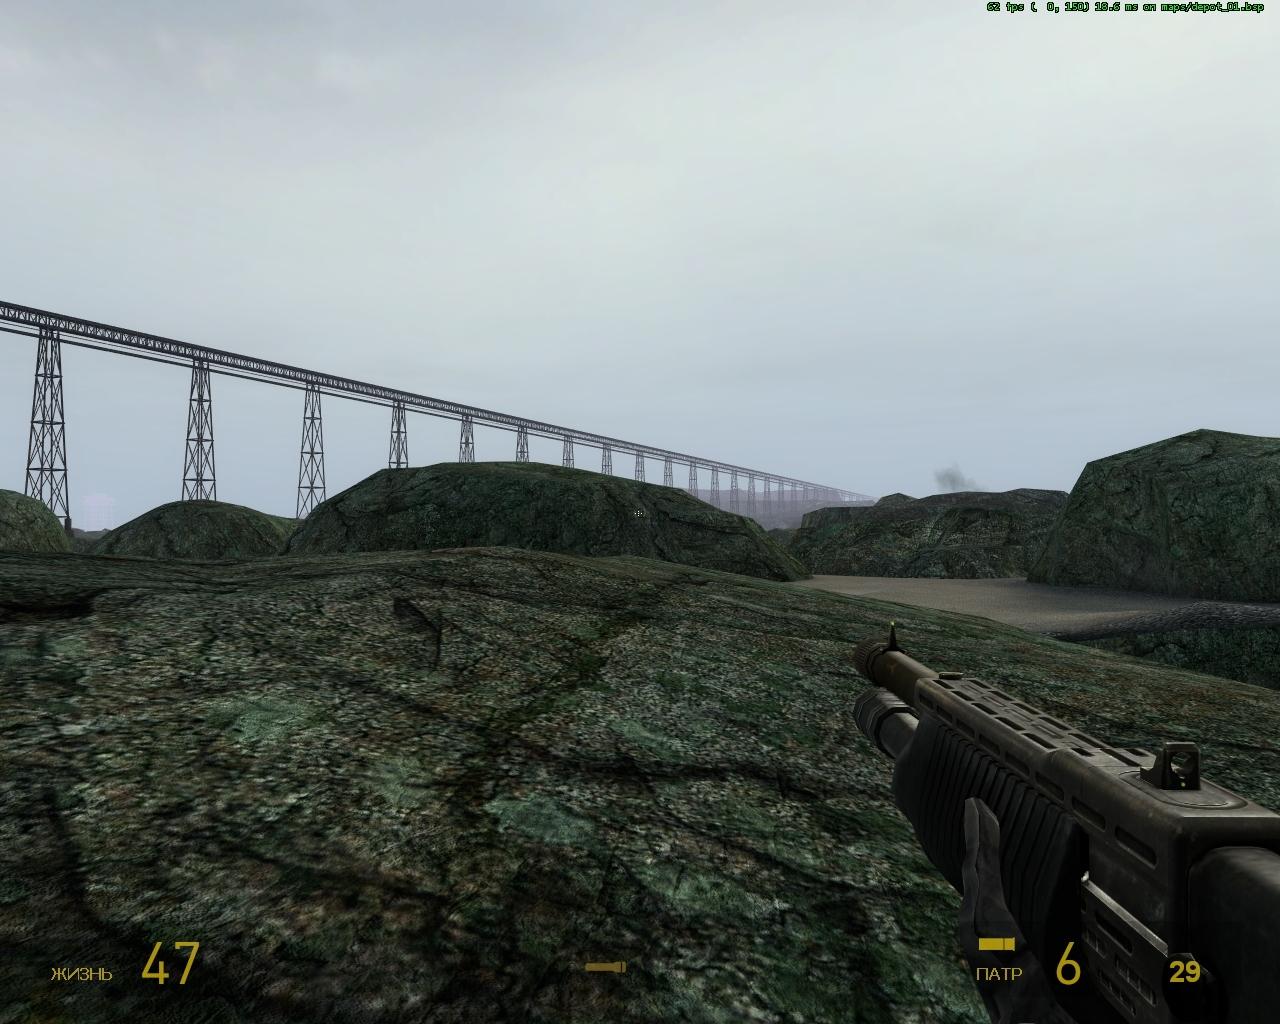 depot_010003.jpg - Half-Life 2 Depot